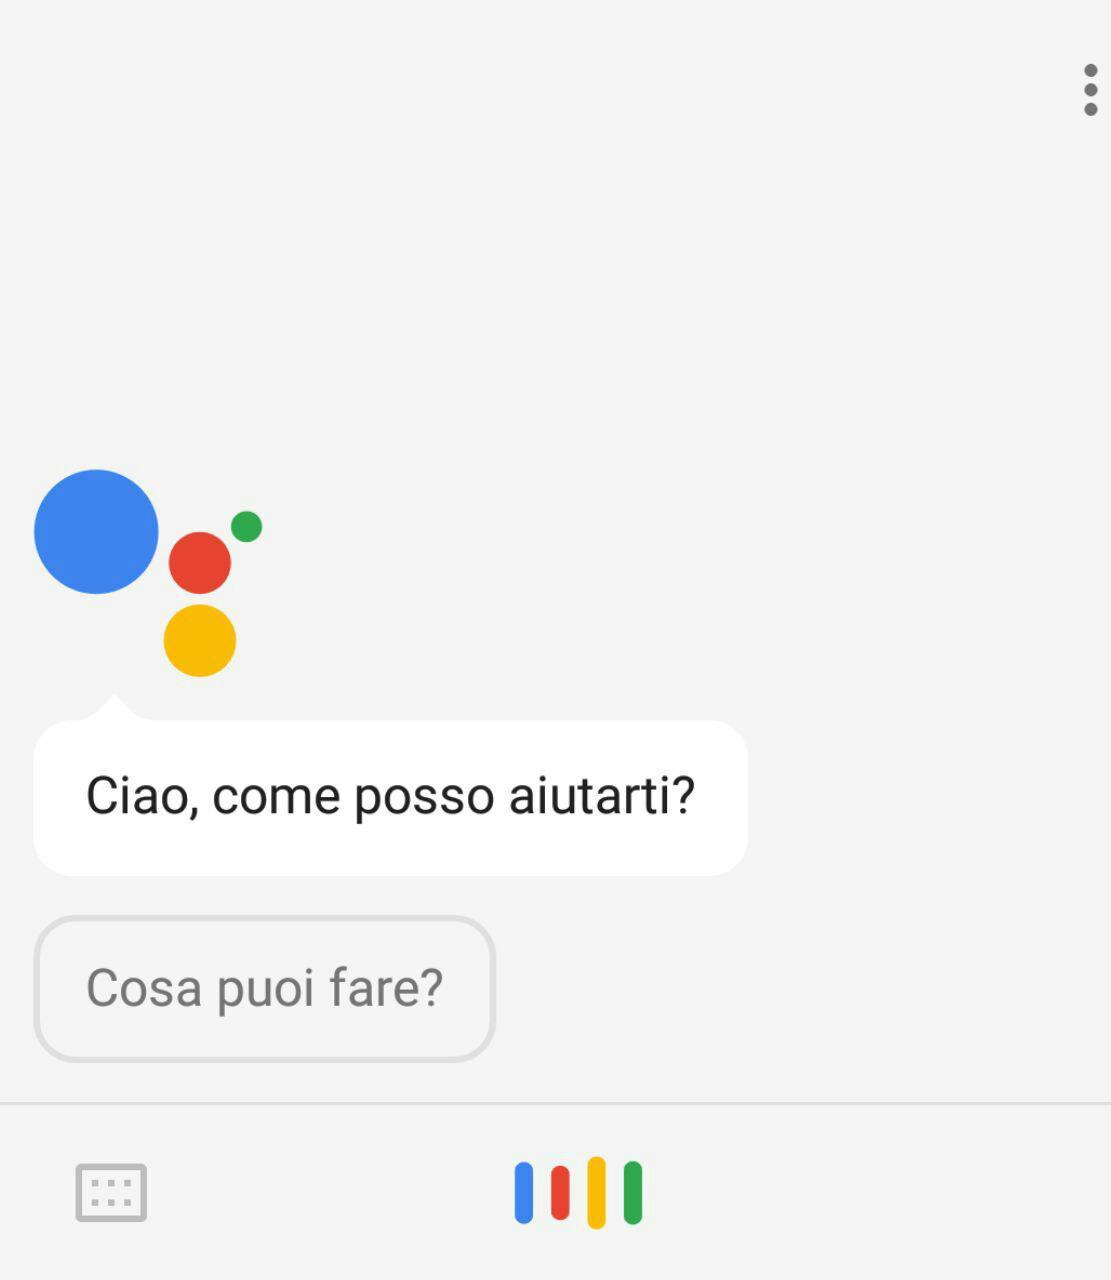 Google assistant arriva in italia ecco cosa puoi fare gizblog for Google assistant italia